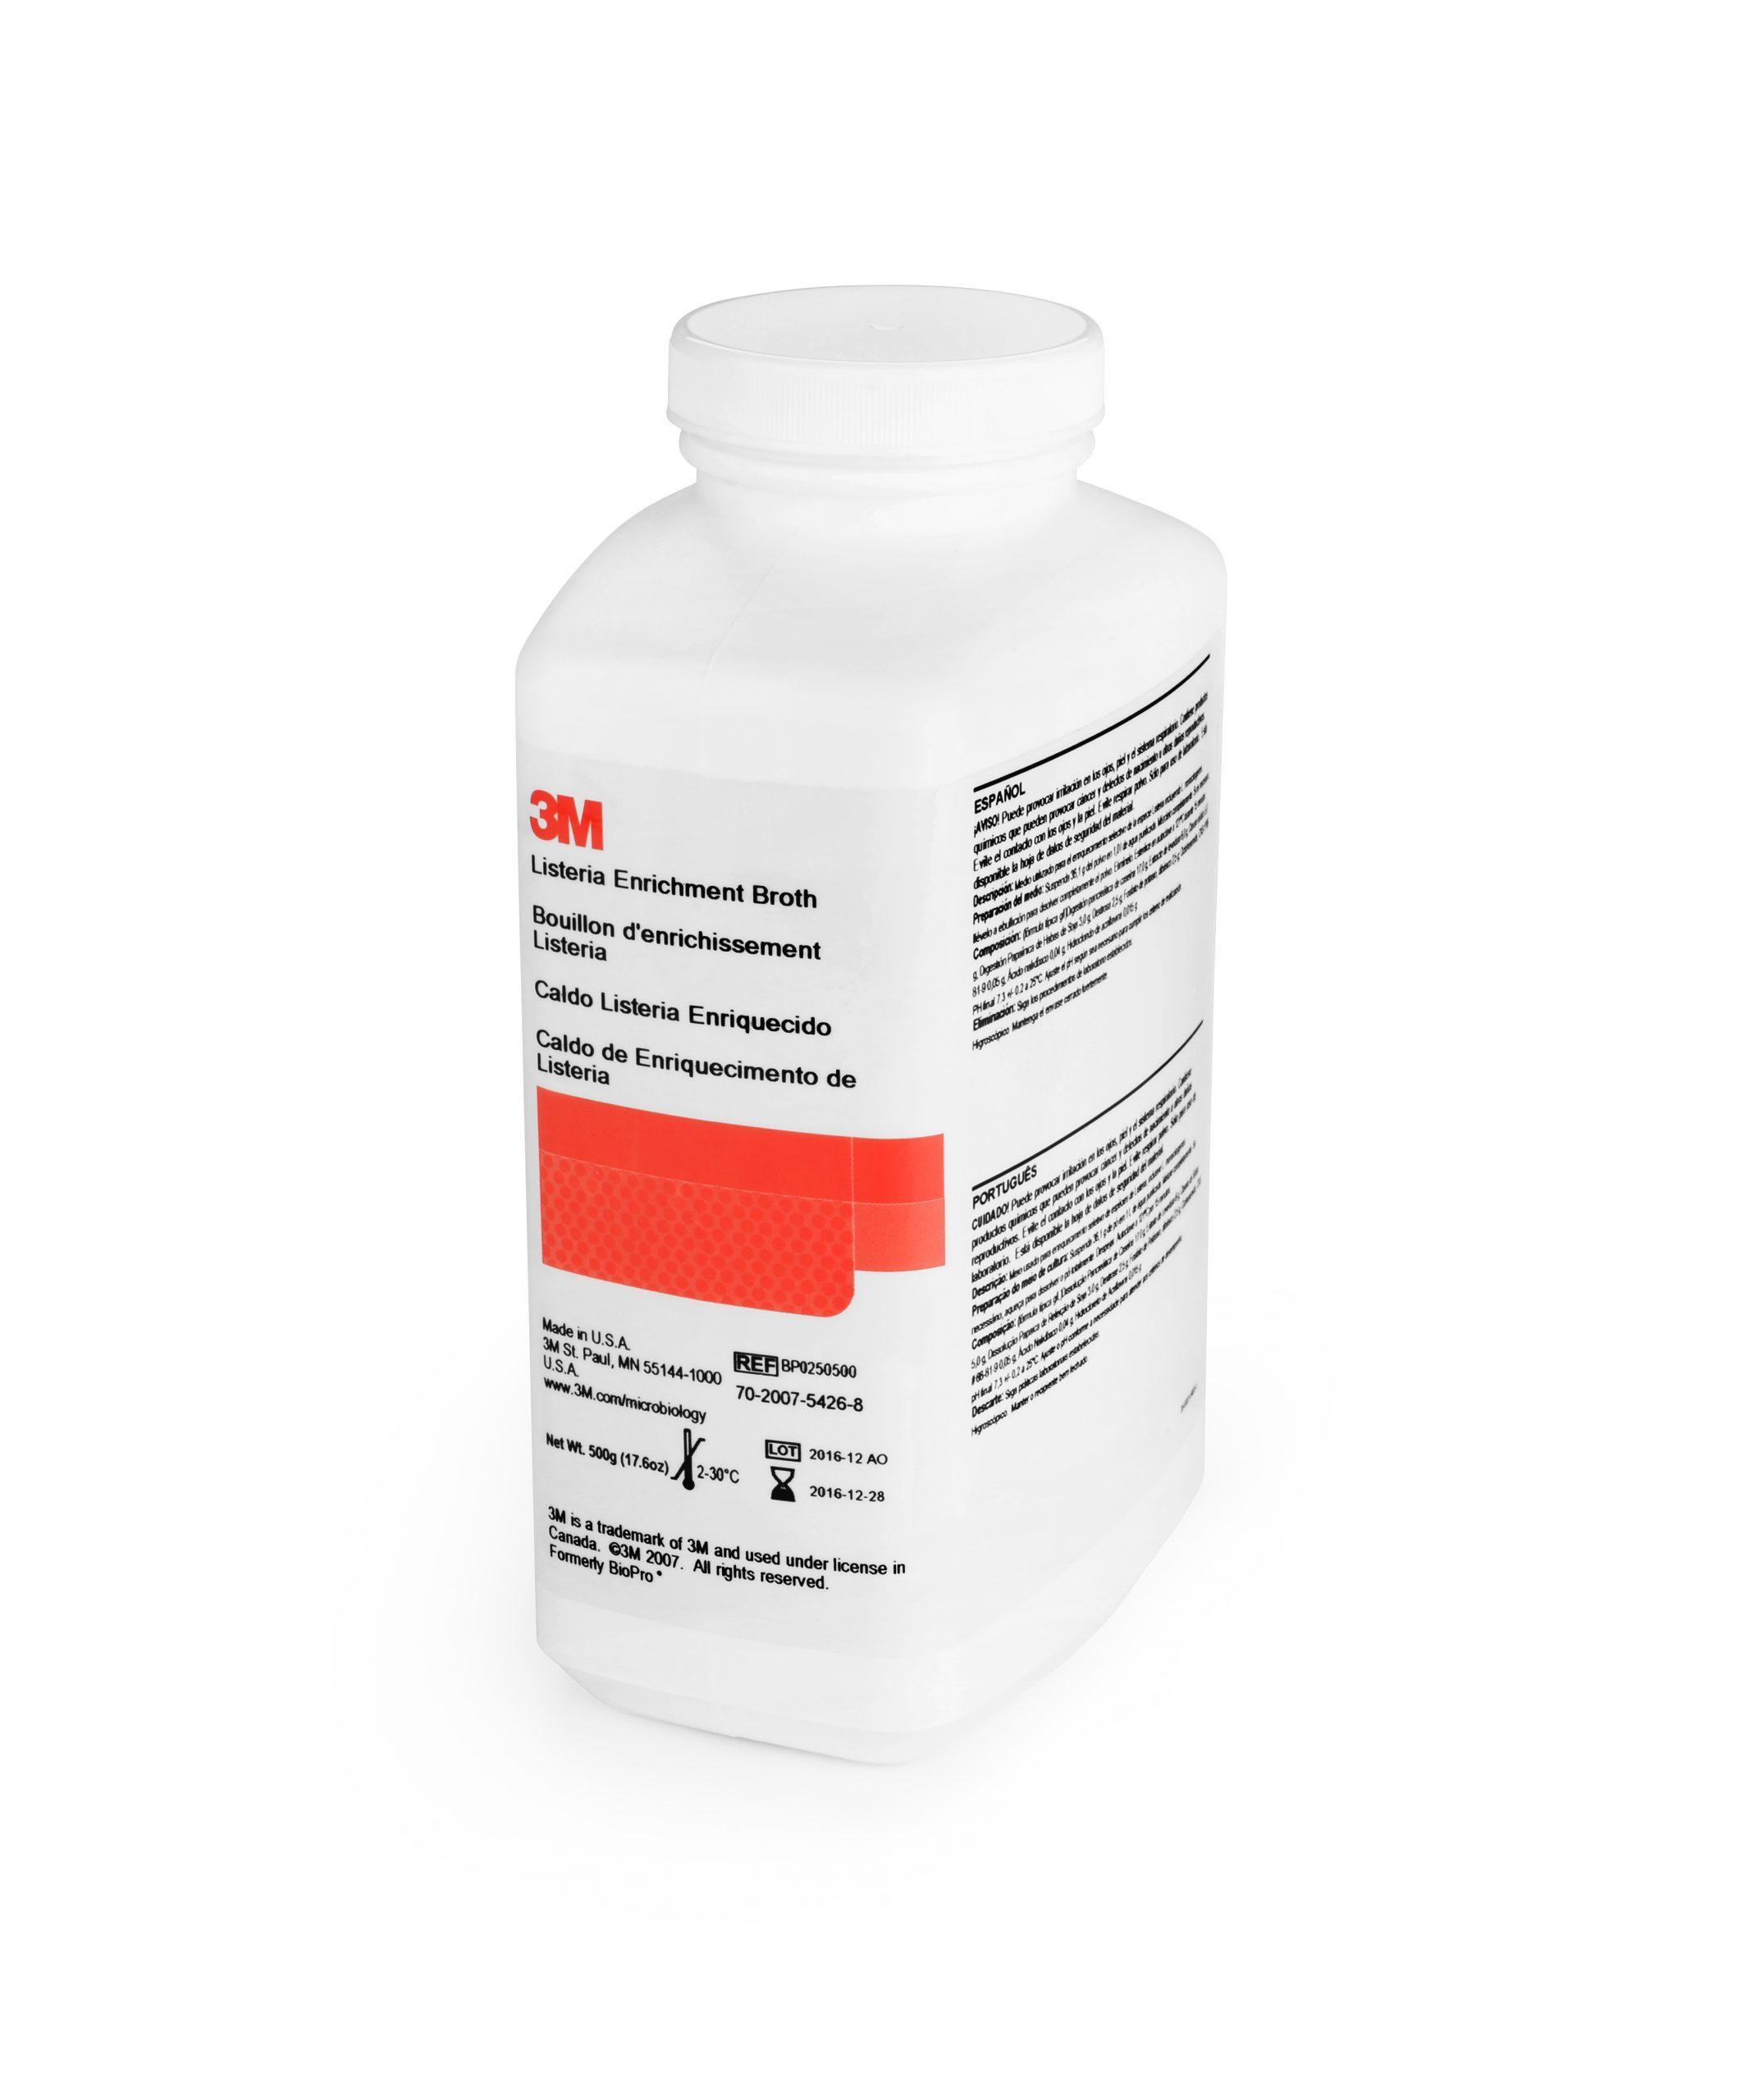 El Caldo de Enriquecimiento para Detección de Listeria (3M Listeria Enrichment Broth) se utiliza para el enriquecimiento selectivo de especies de Listeria, incluida Listeria monocytogenes.